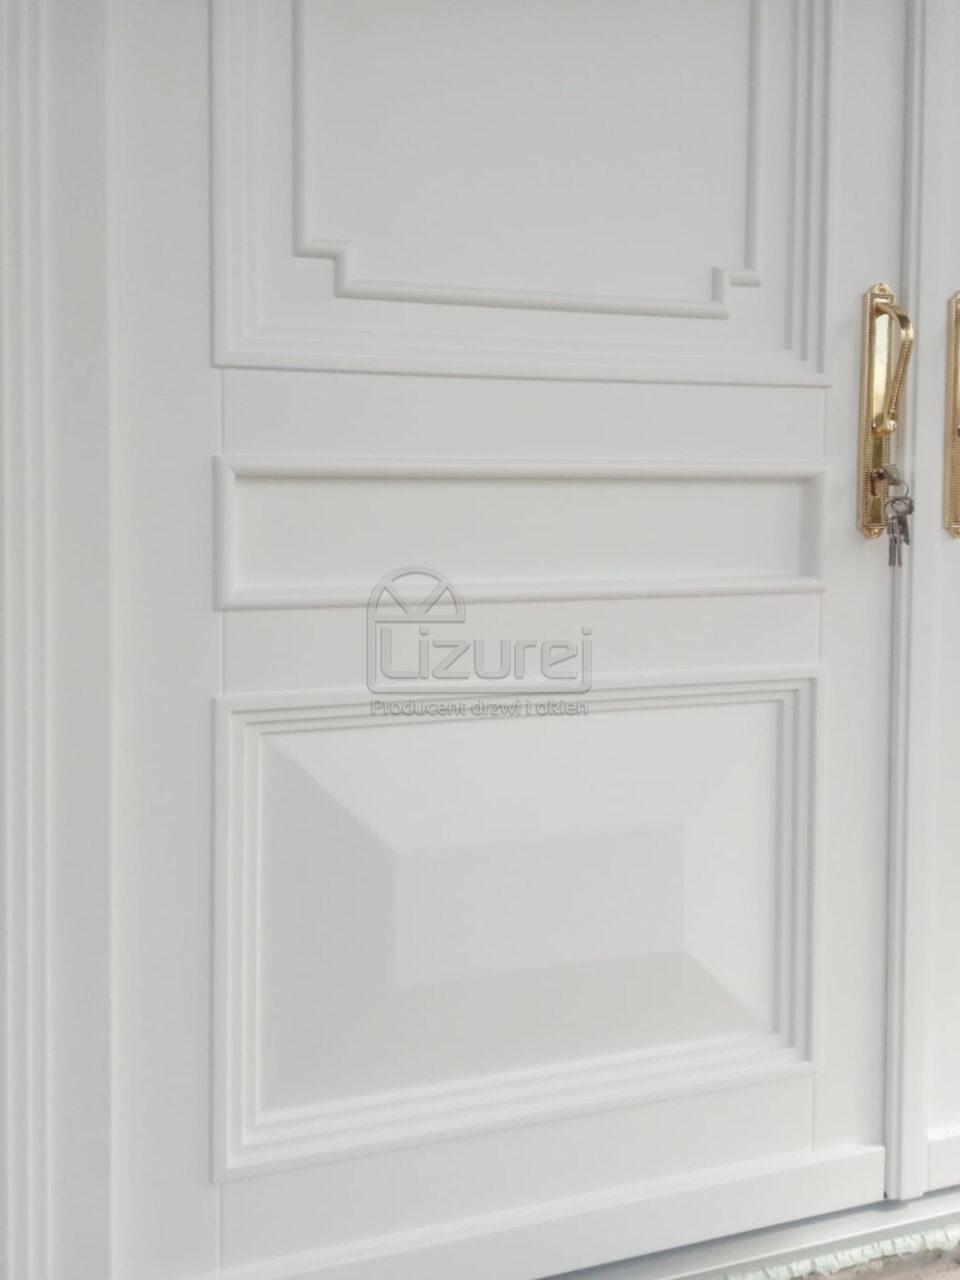 Producent Drzwi Drewnianych Na Wymiar Lizurej Galeria Zewnętrzne 52